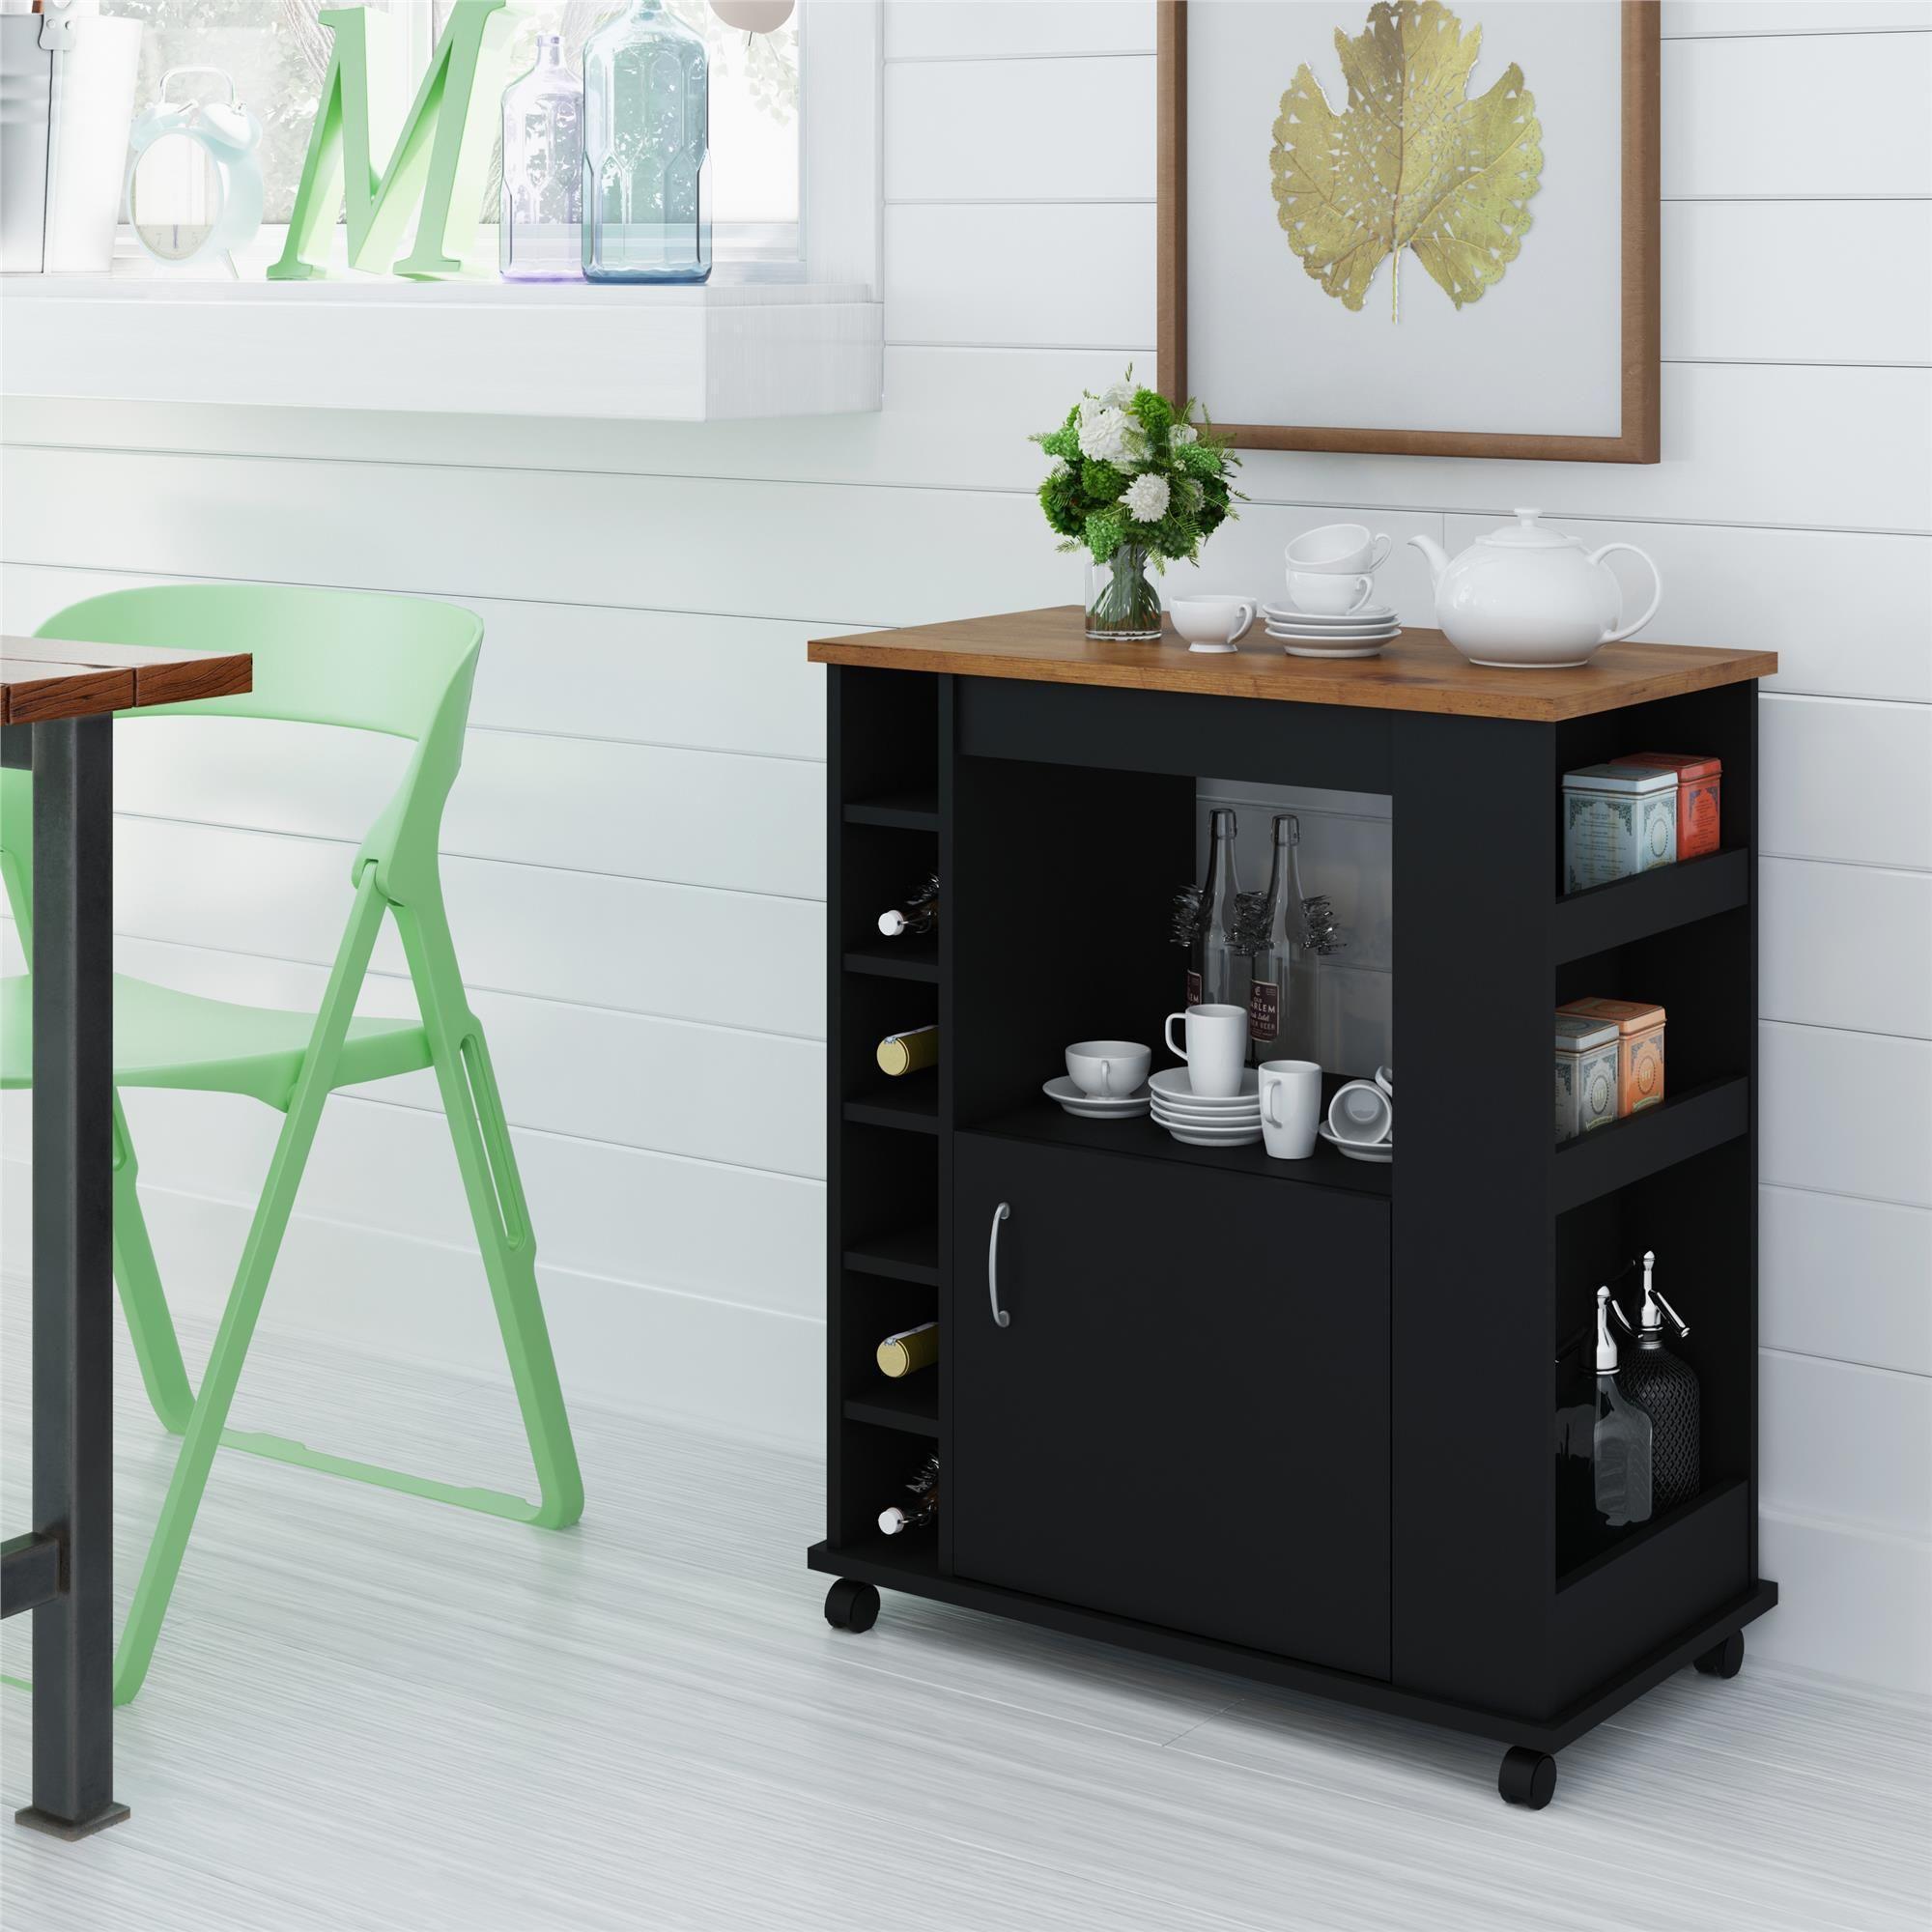 Laurel Creek Kitty Black Stipple Kitchen Beverage Cart